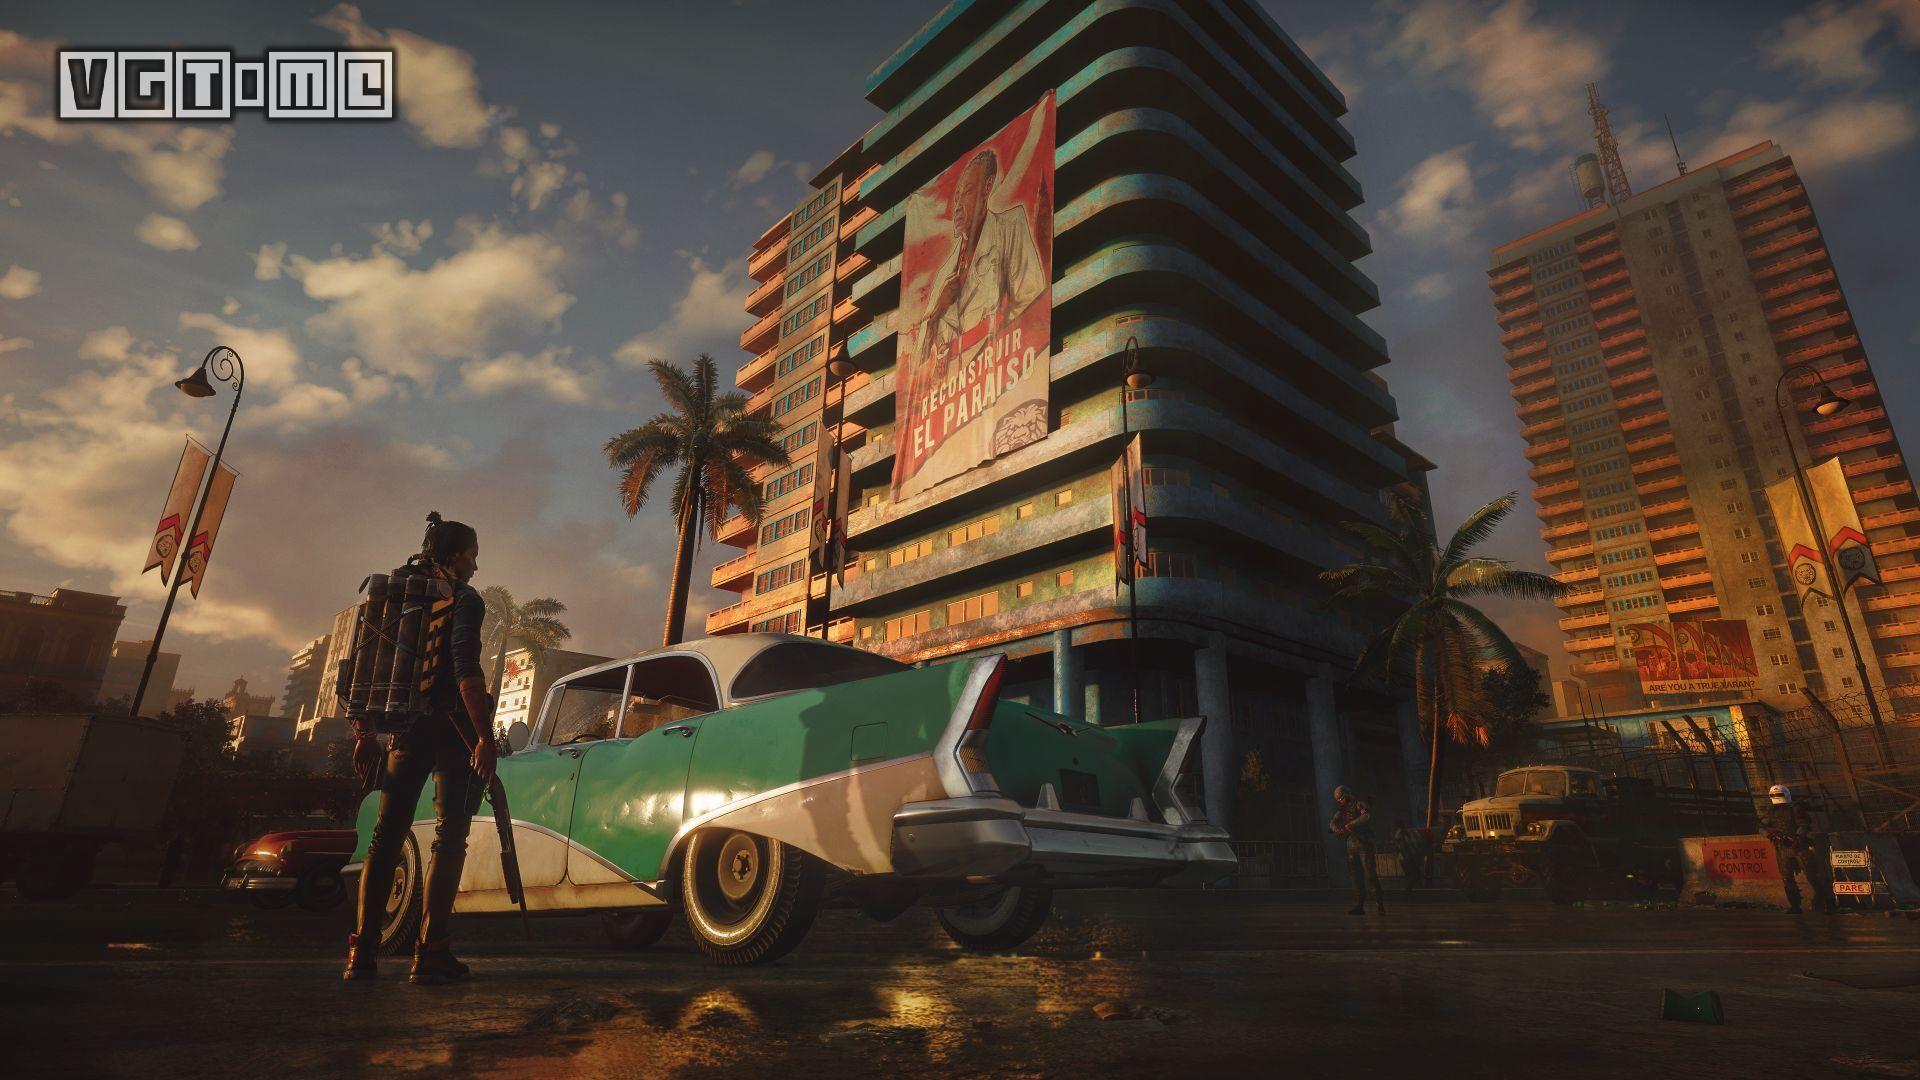 玩家在《孤岛惊魂6》中能够以「几乎任何顺序」推进剧情